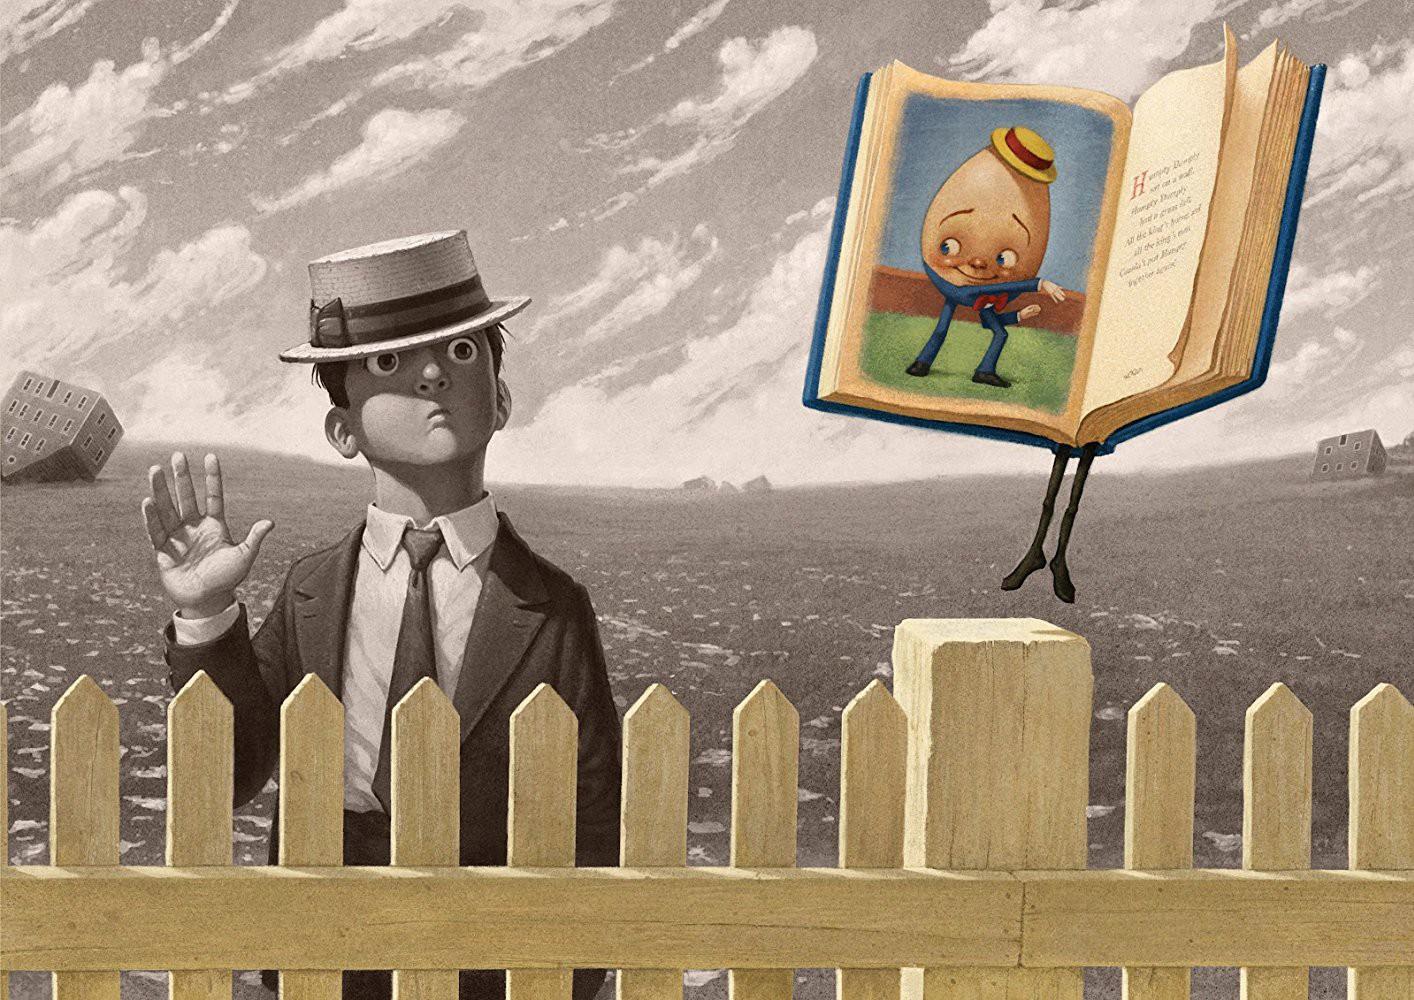 8 phim hoạt hình ngắn xuất sắc dành cho những mọt phim… lười cày phim dài - Ảnh 20.